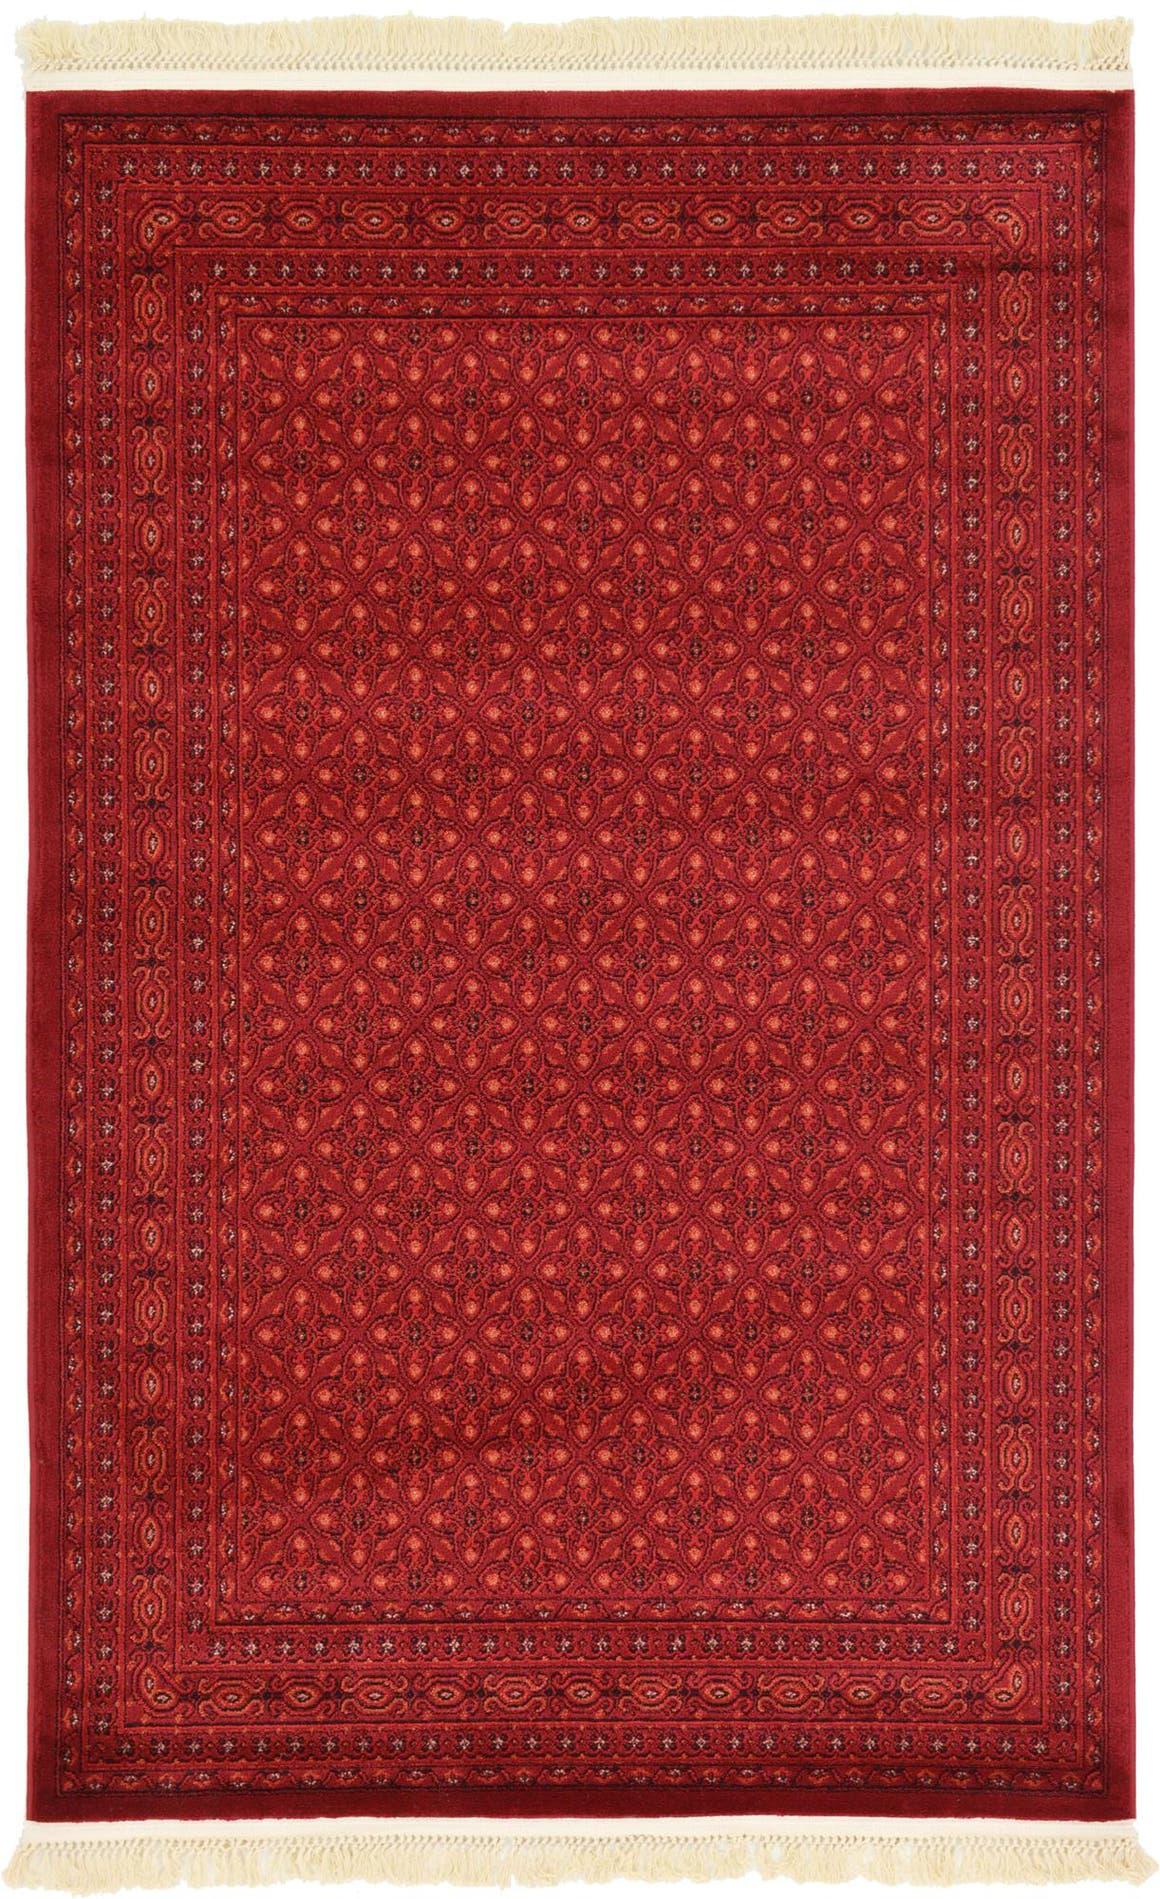 4' x 6' Bokhara Rug main image